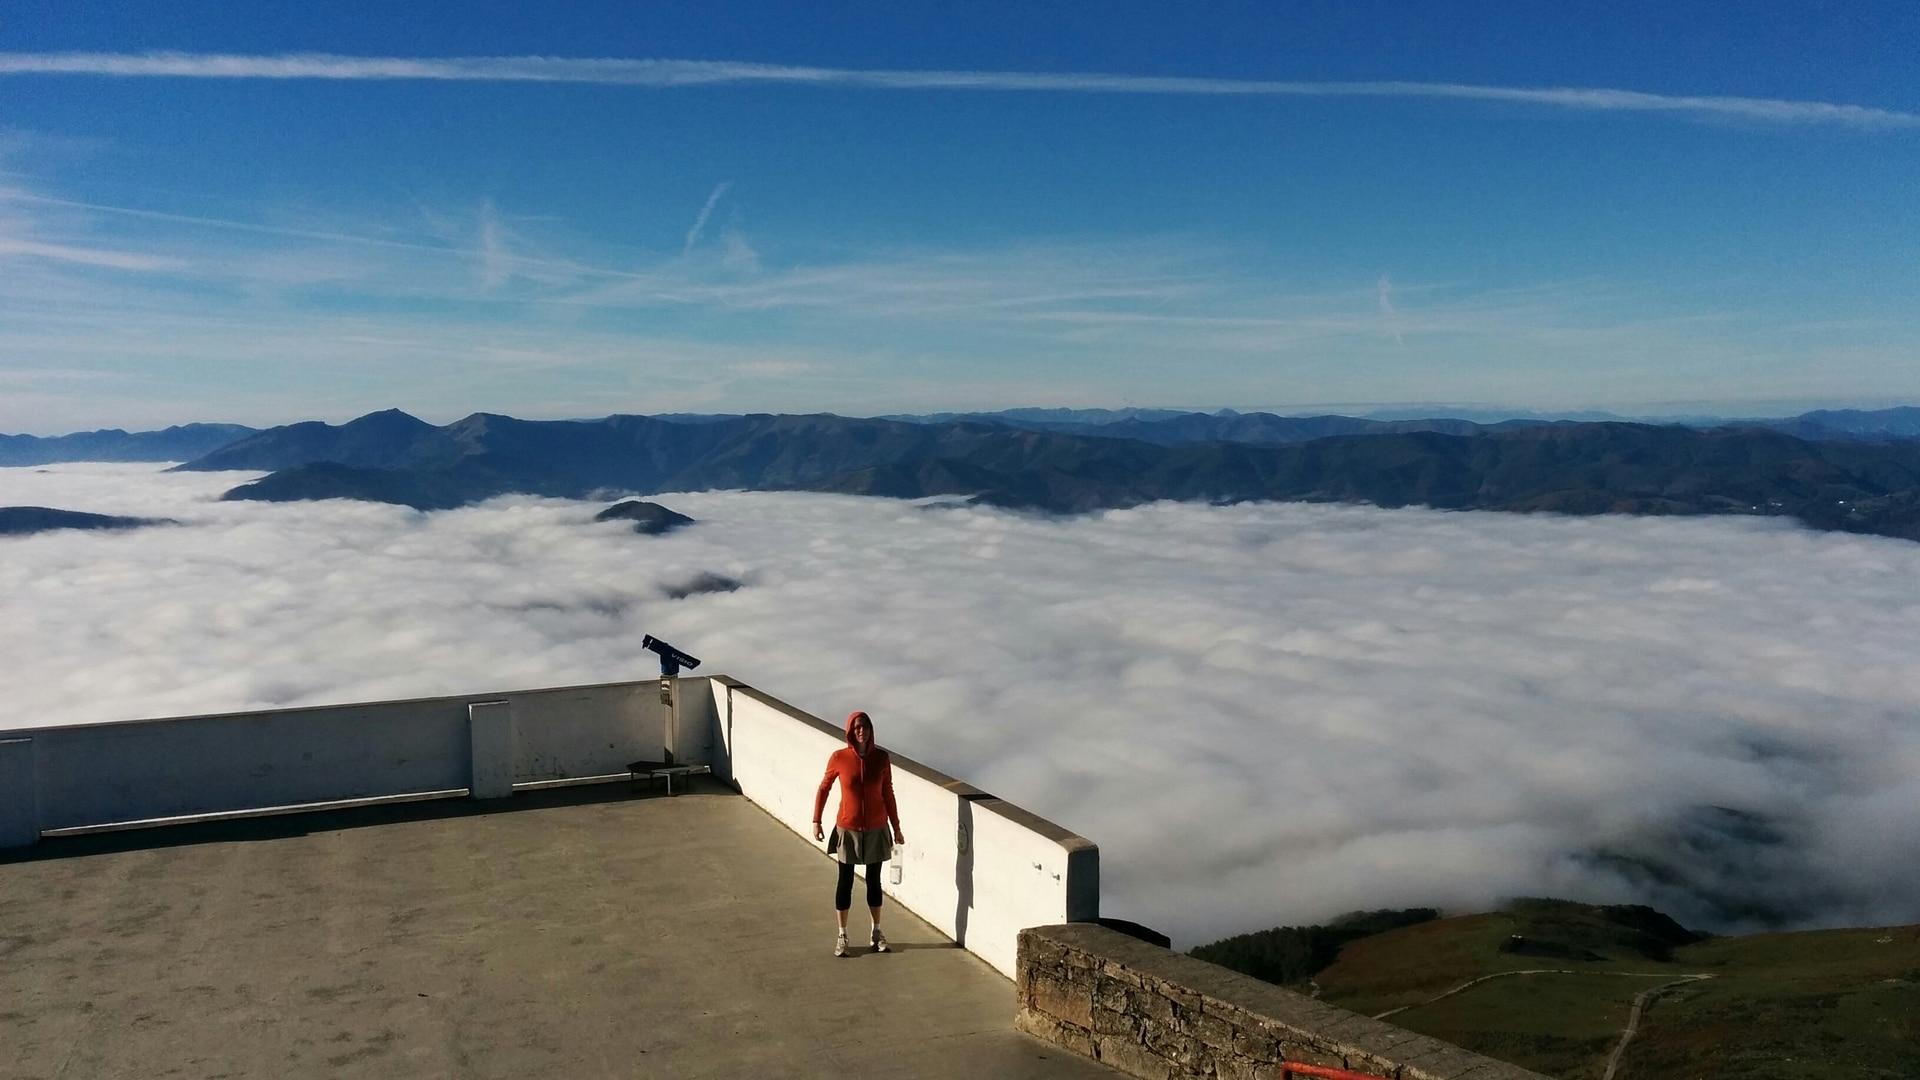 Jeune fille sur une plateforme au sommet d'une montagne surplombant une mer de nuages